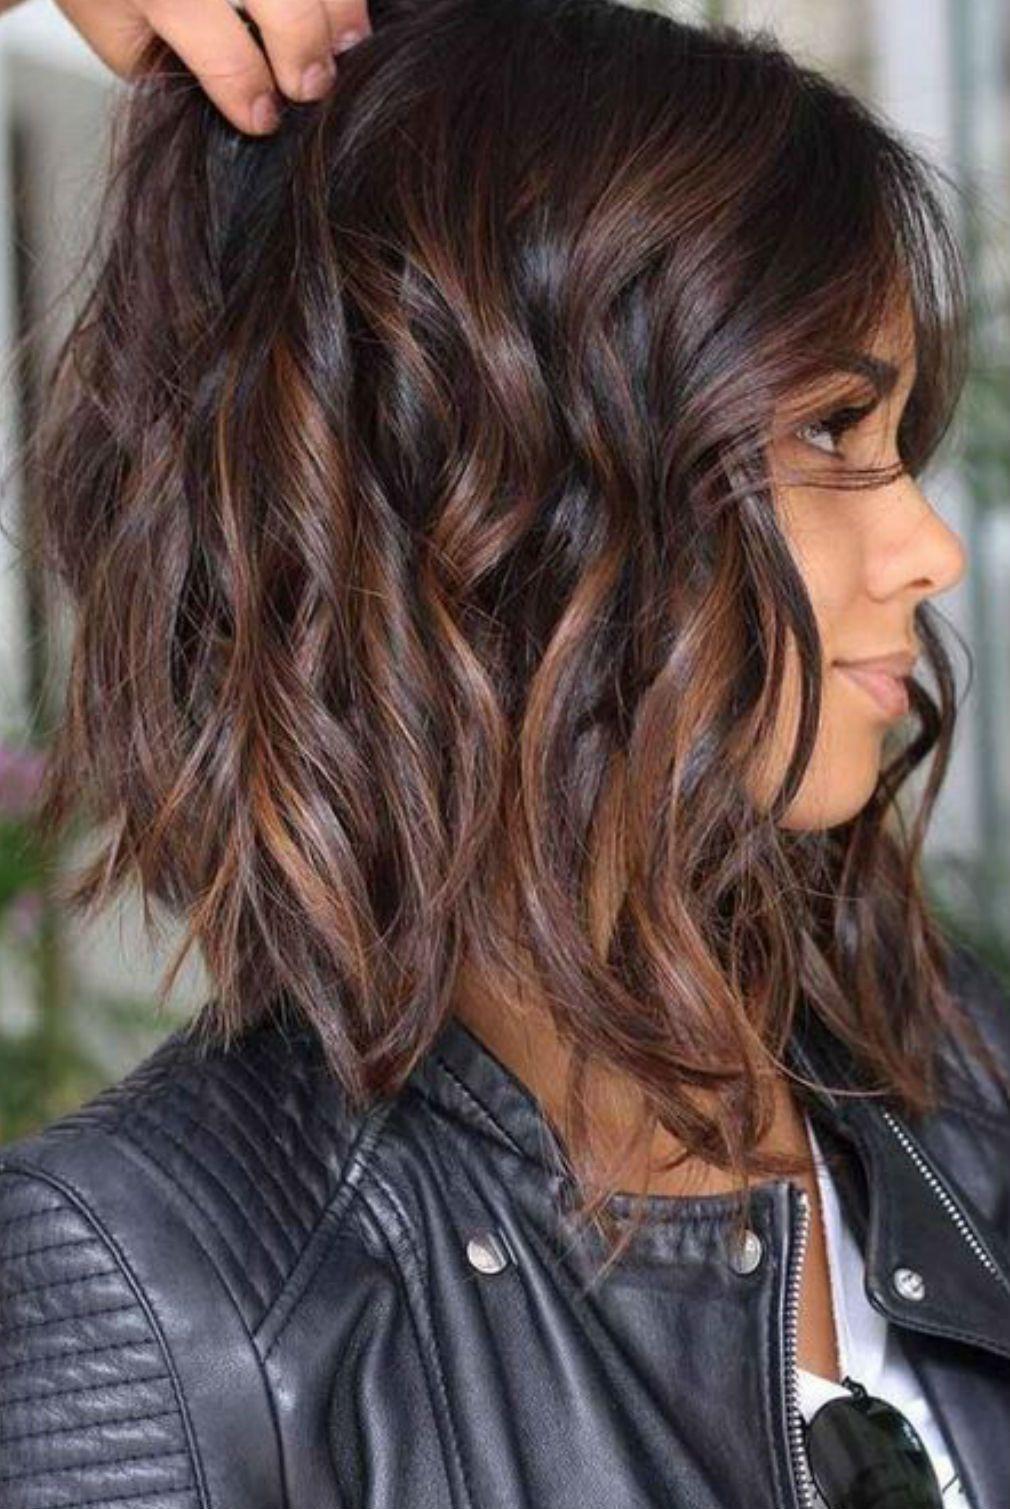 Album : Les +20 top photos de coiffure femme 2020 carre mi long - LiloBijoux - Bijoux Fantasie ...